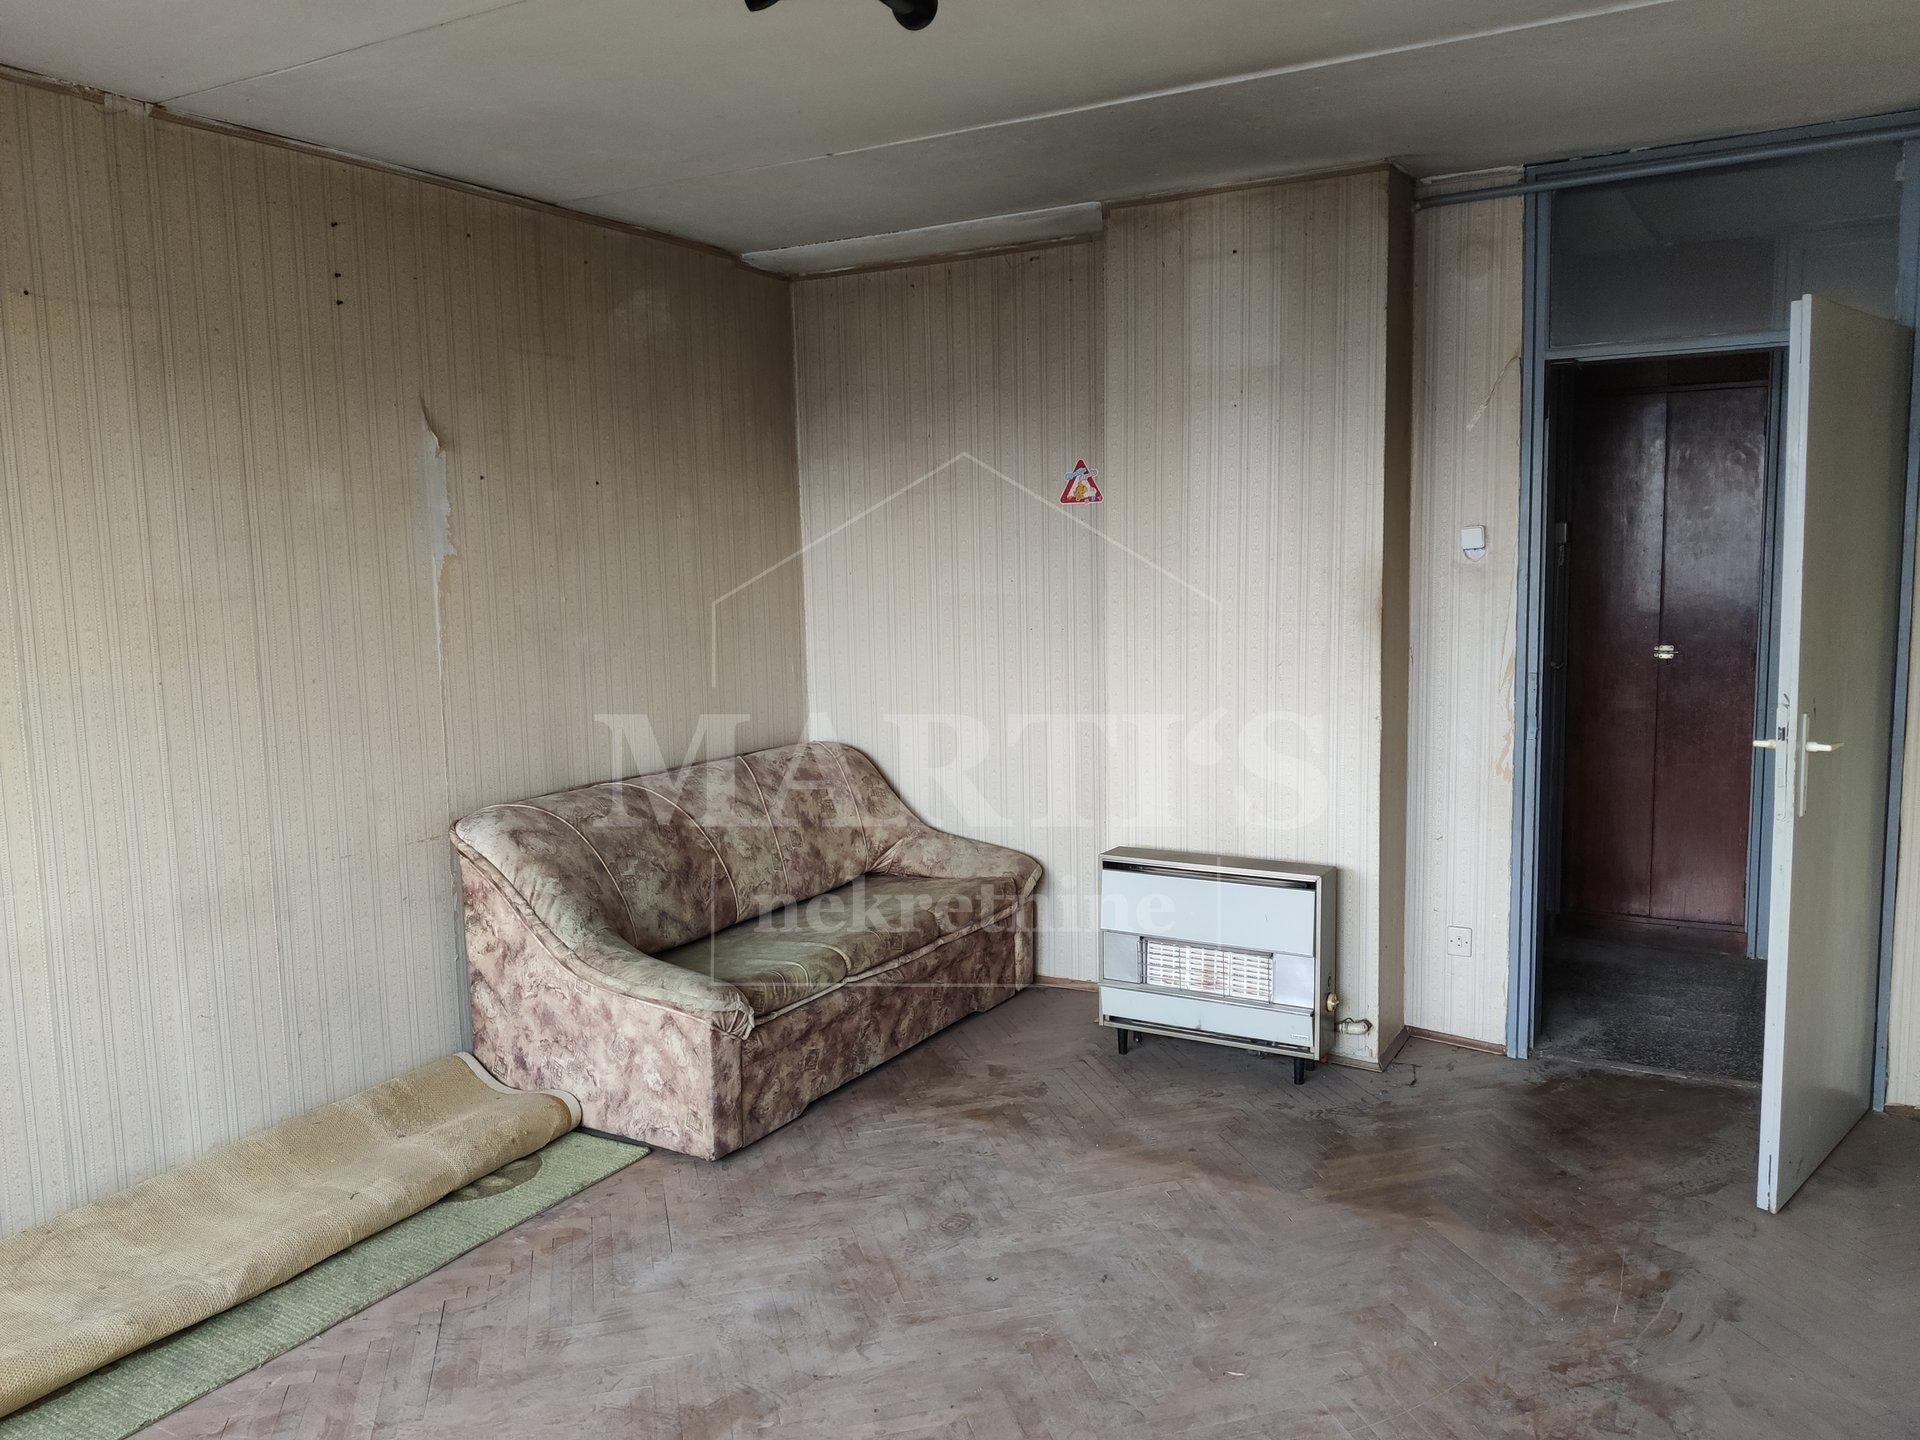 2 rooms, Apartment, 51m², 5 Floor